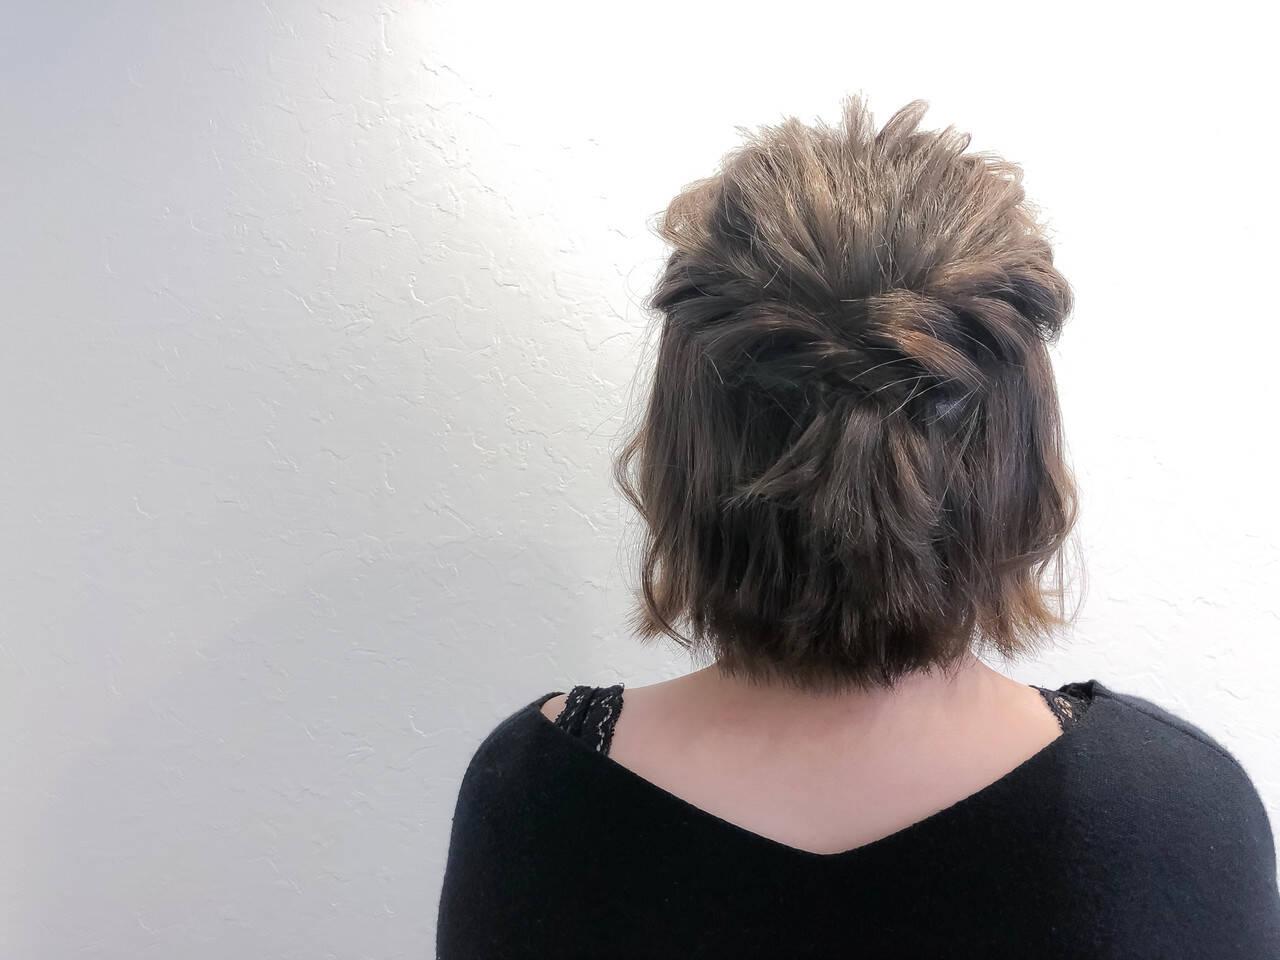 トリートメント 簡単ヘアアレンジ フェミニン ヘアカラーヘアスタイルや髪型の写真・画像